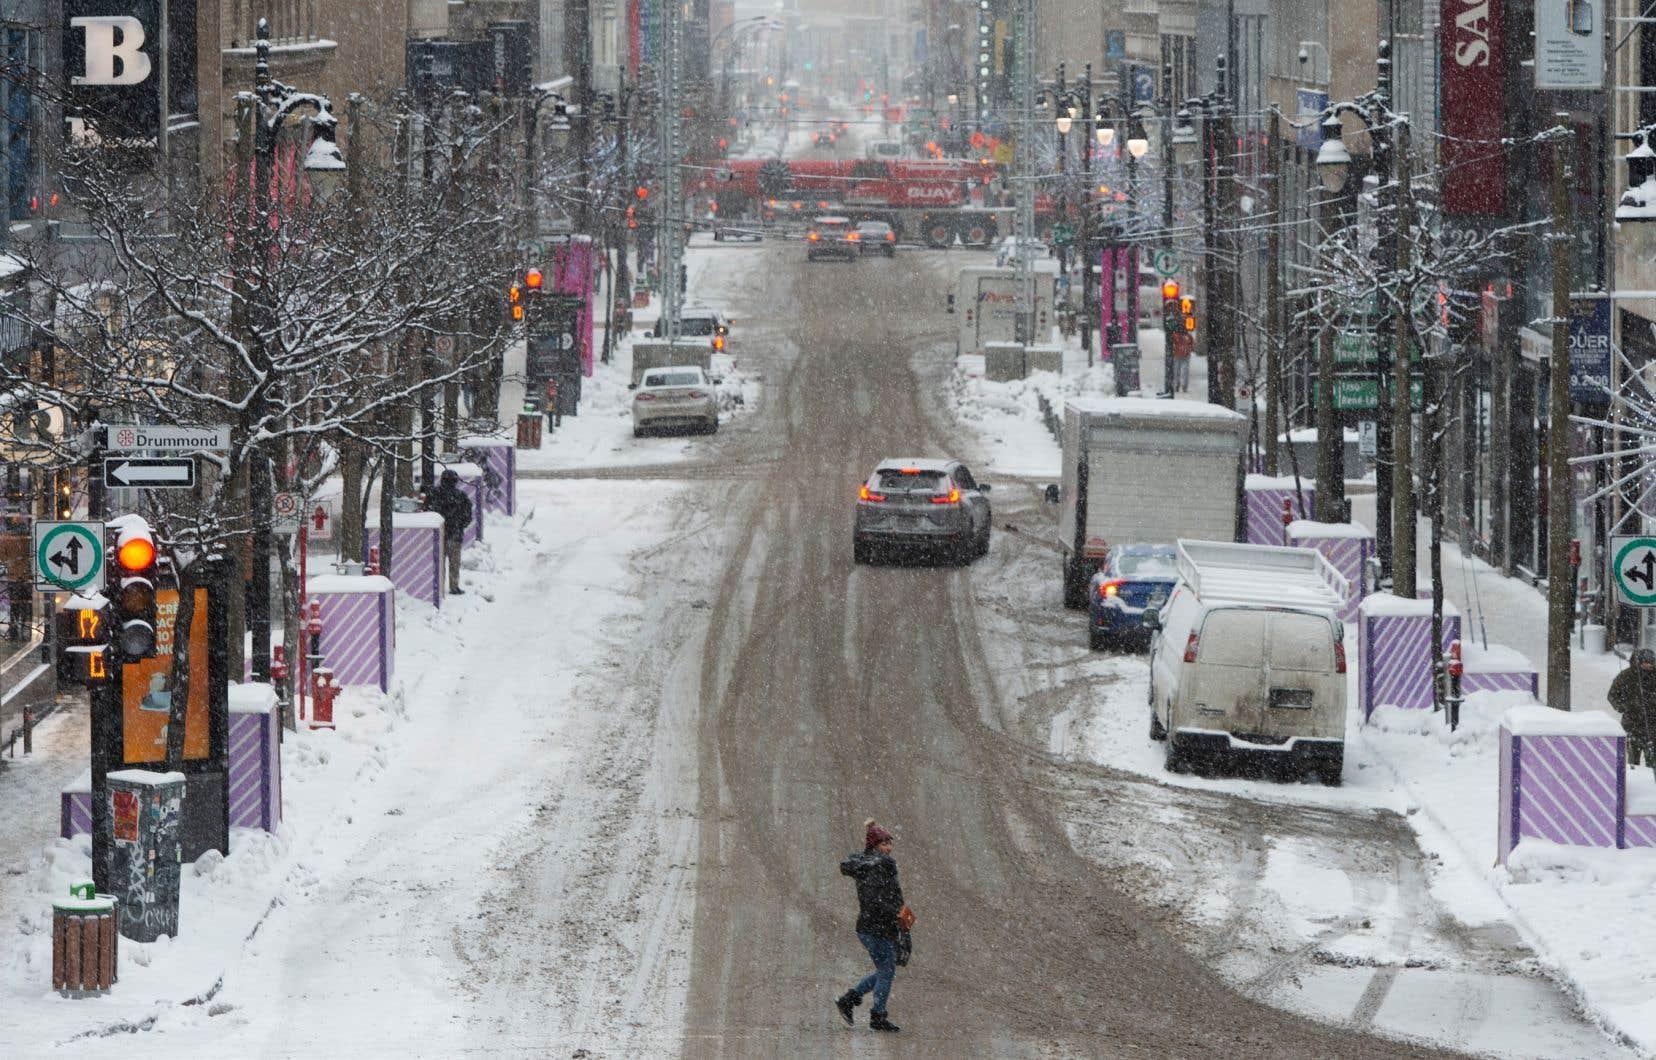 «Tout indique que la récente évolution de la construction résidentielle dans la région de Montréal ne fait qu'accentuer gravement ce phénomène d'étalement urbain dont nous avons manifestement perdu complètement le contrôle», écrit l'auteur.